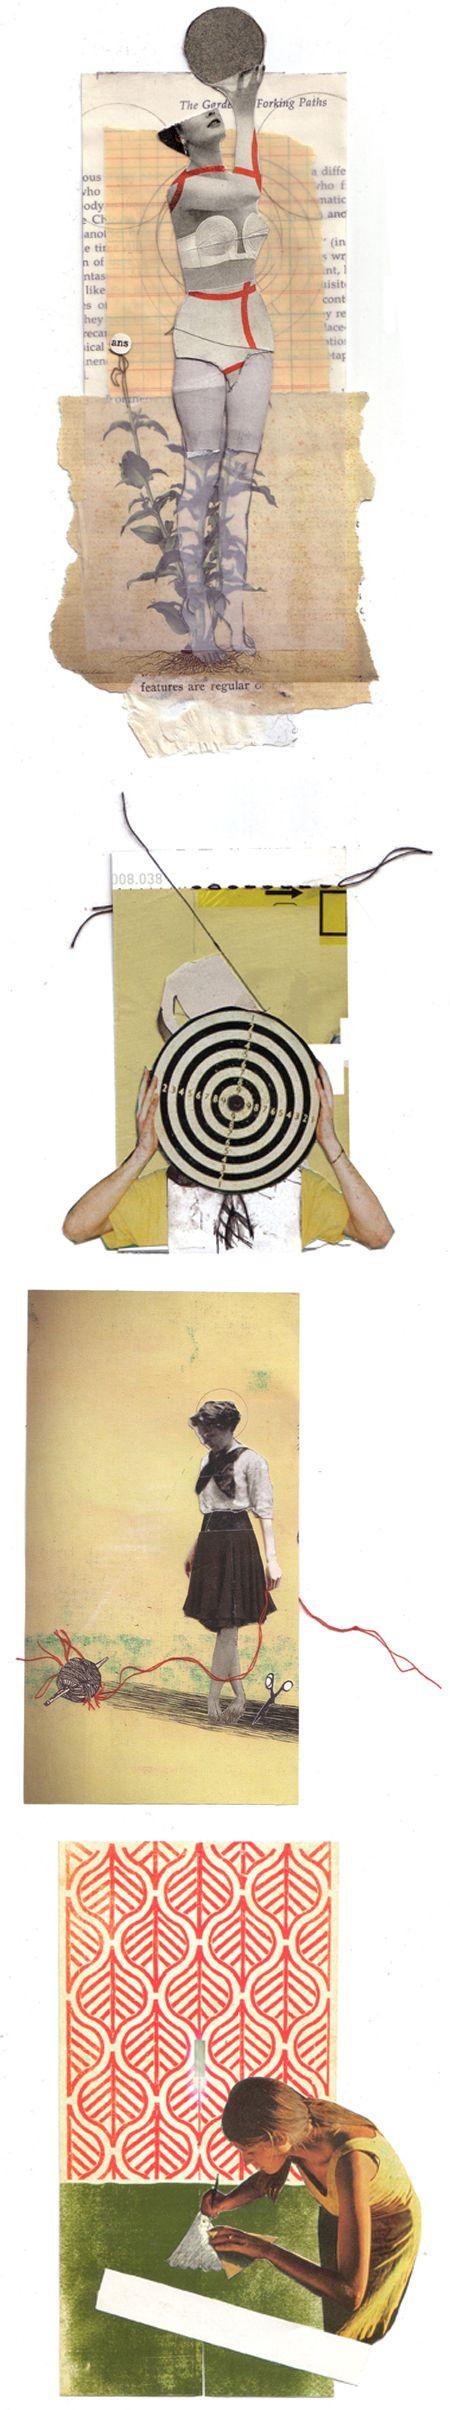 Lillianna Pereira: Mixedmedia, Pattern, Collage Ideas, Awesome, Art Ideas, Pereira Collage, Art Collage